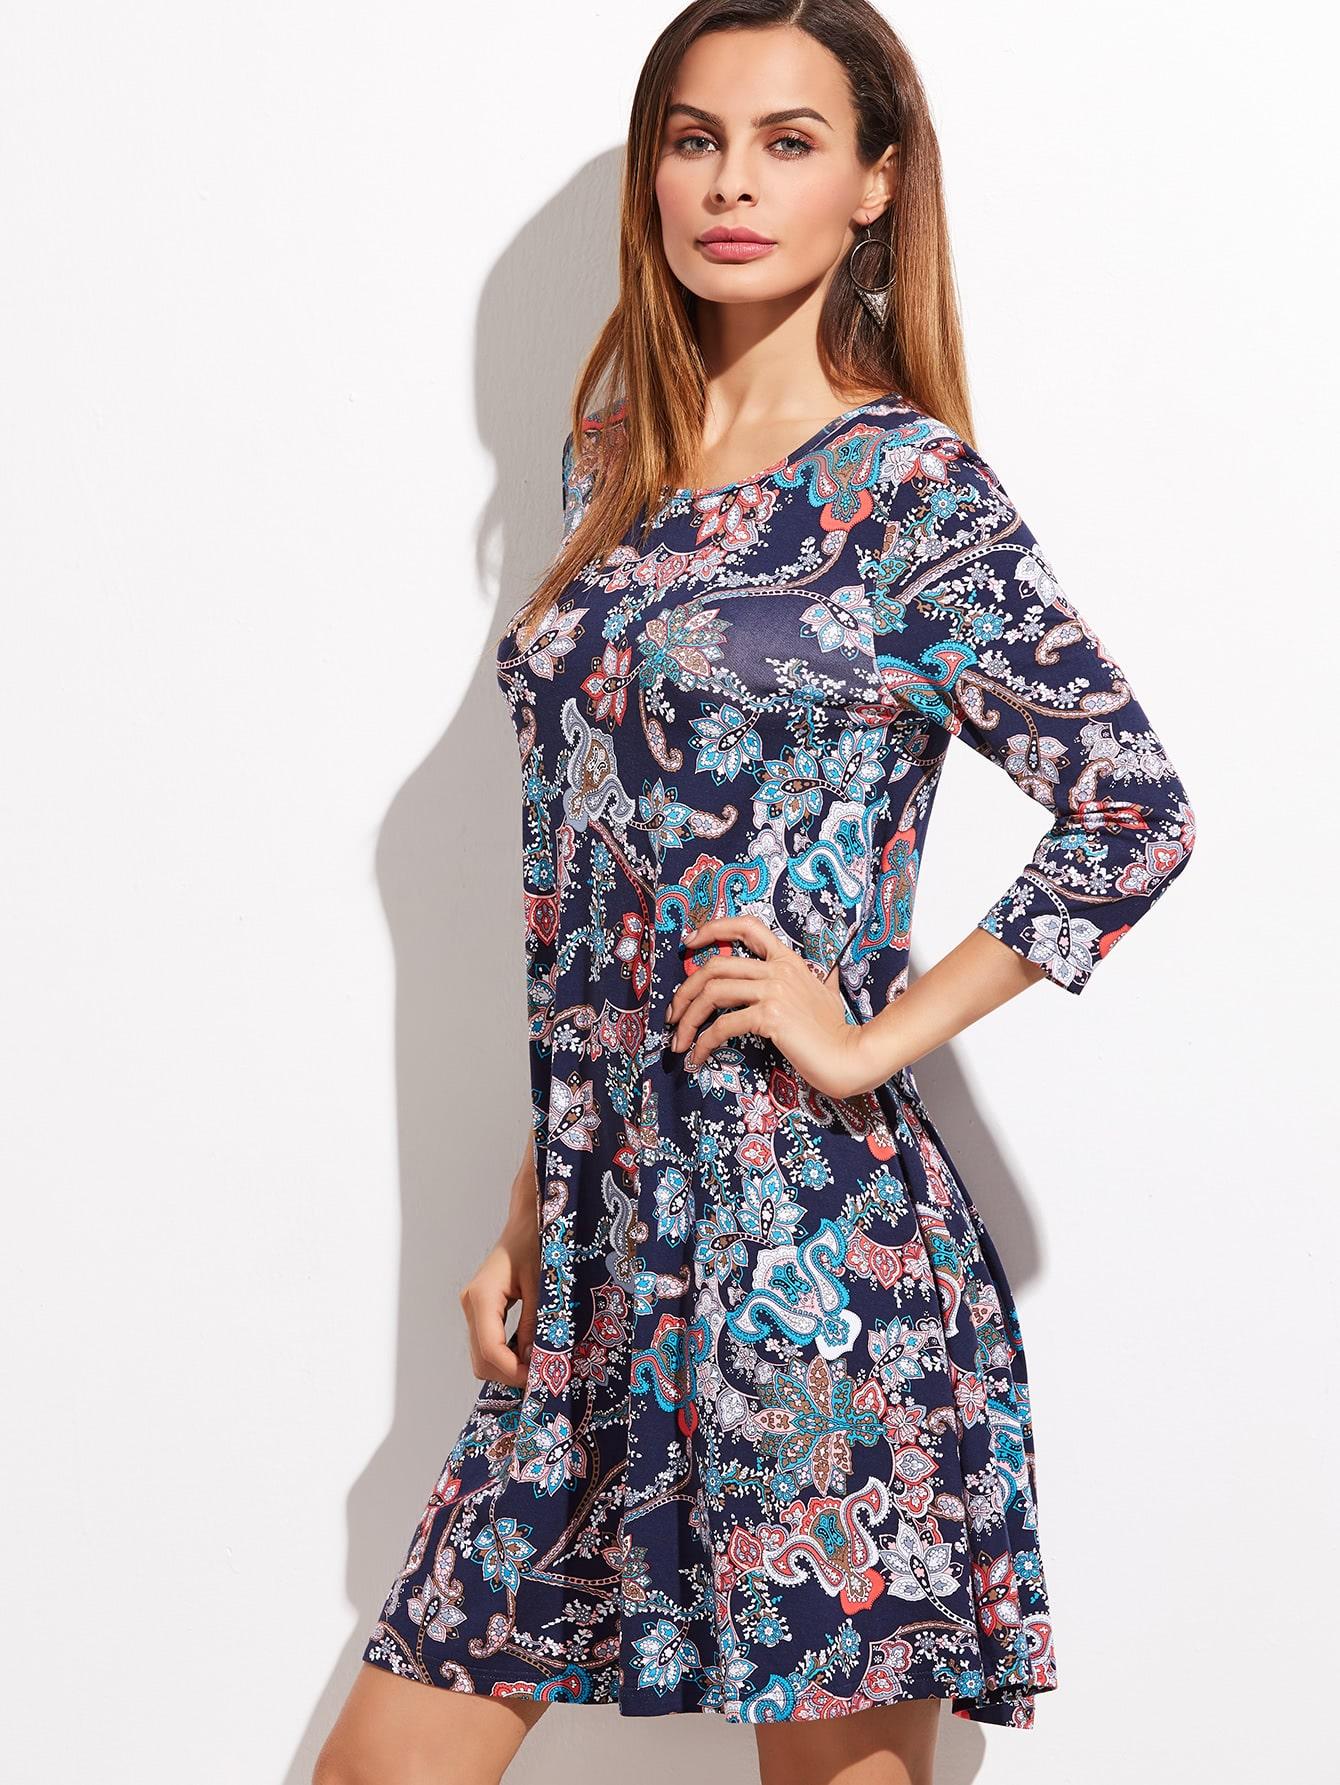 dress161206471_2